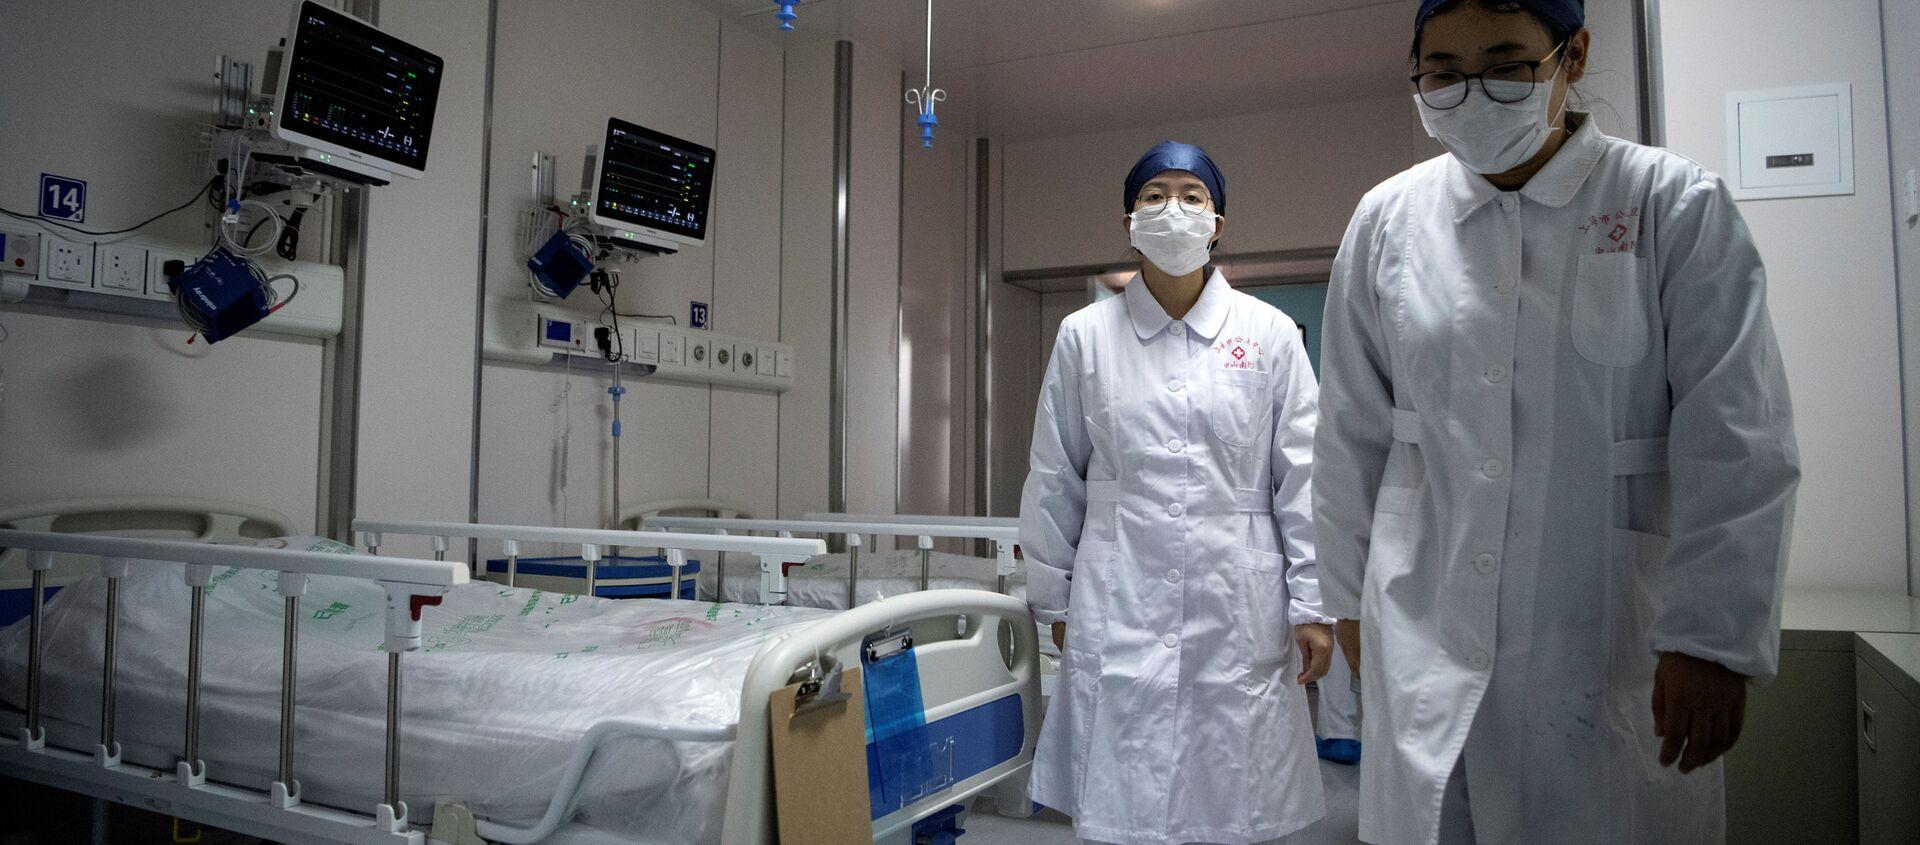 Các y tá trong khu cách ly coronavirus tại Trung tâm Lâm sàng Quốc gia Thượng Hải mới - Sputnik Việt Nam, 1920, 29.01.2021